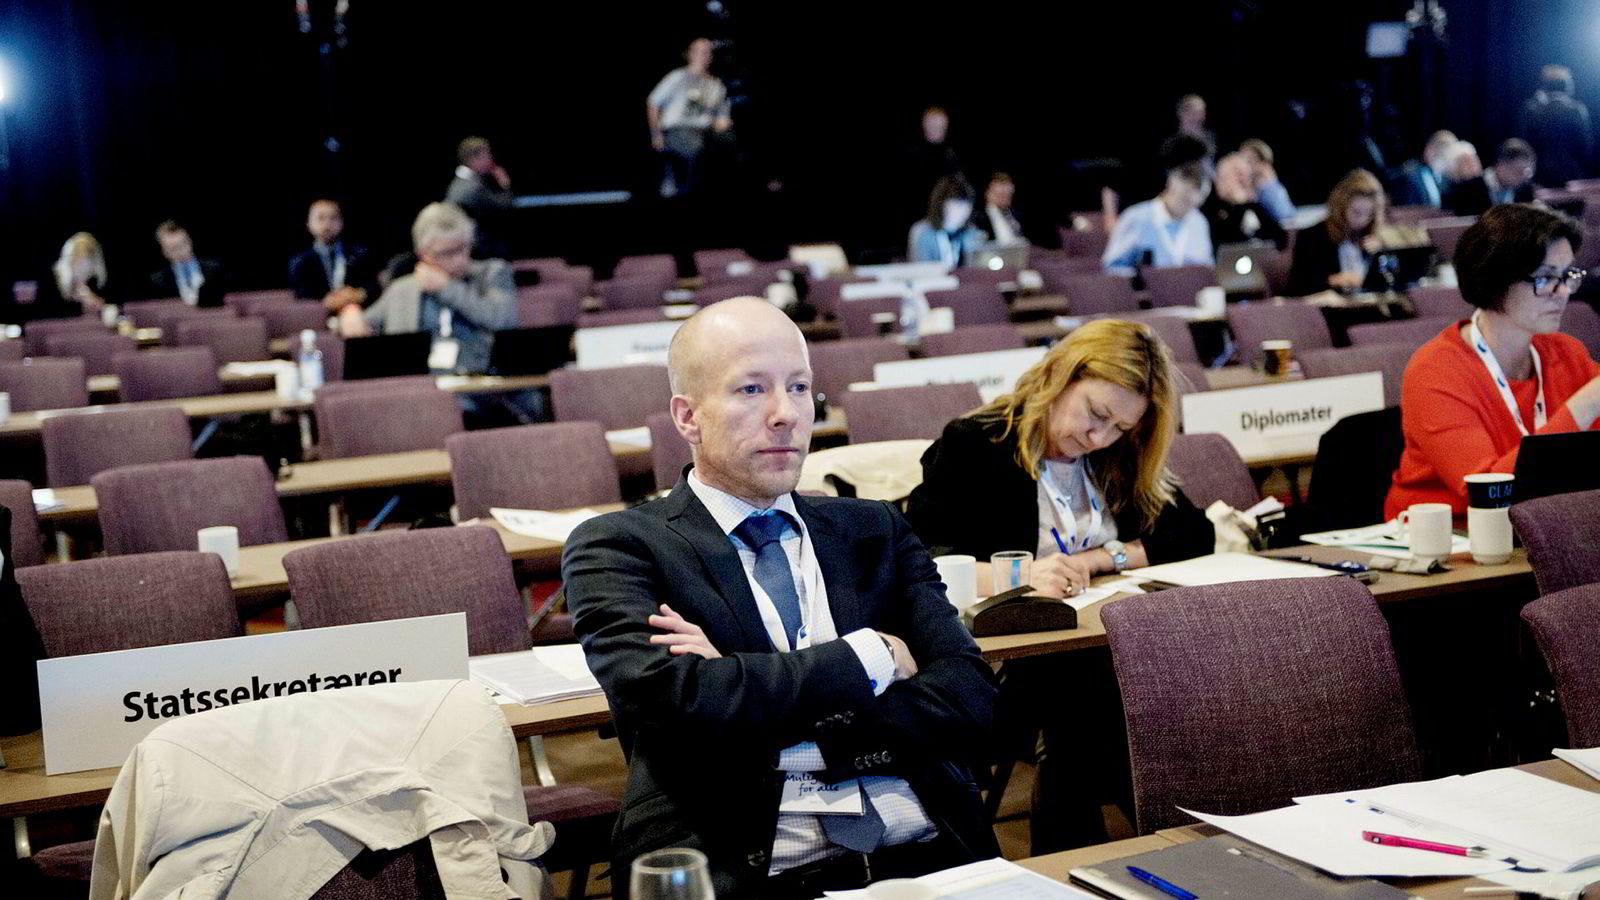 Lars Øy er den eneste statssekretæren ved Statsministerens kontor som har sittet der siden starten i 2013. Ingen har bedre oversikt over de andre partienes smertepunkter enn ham.